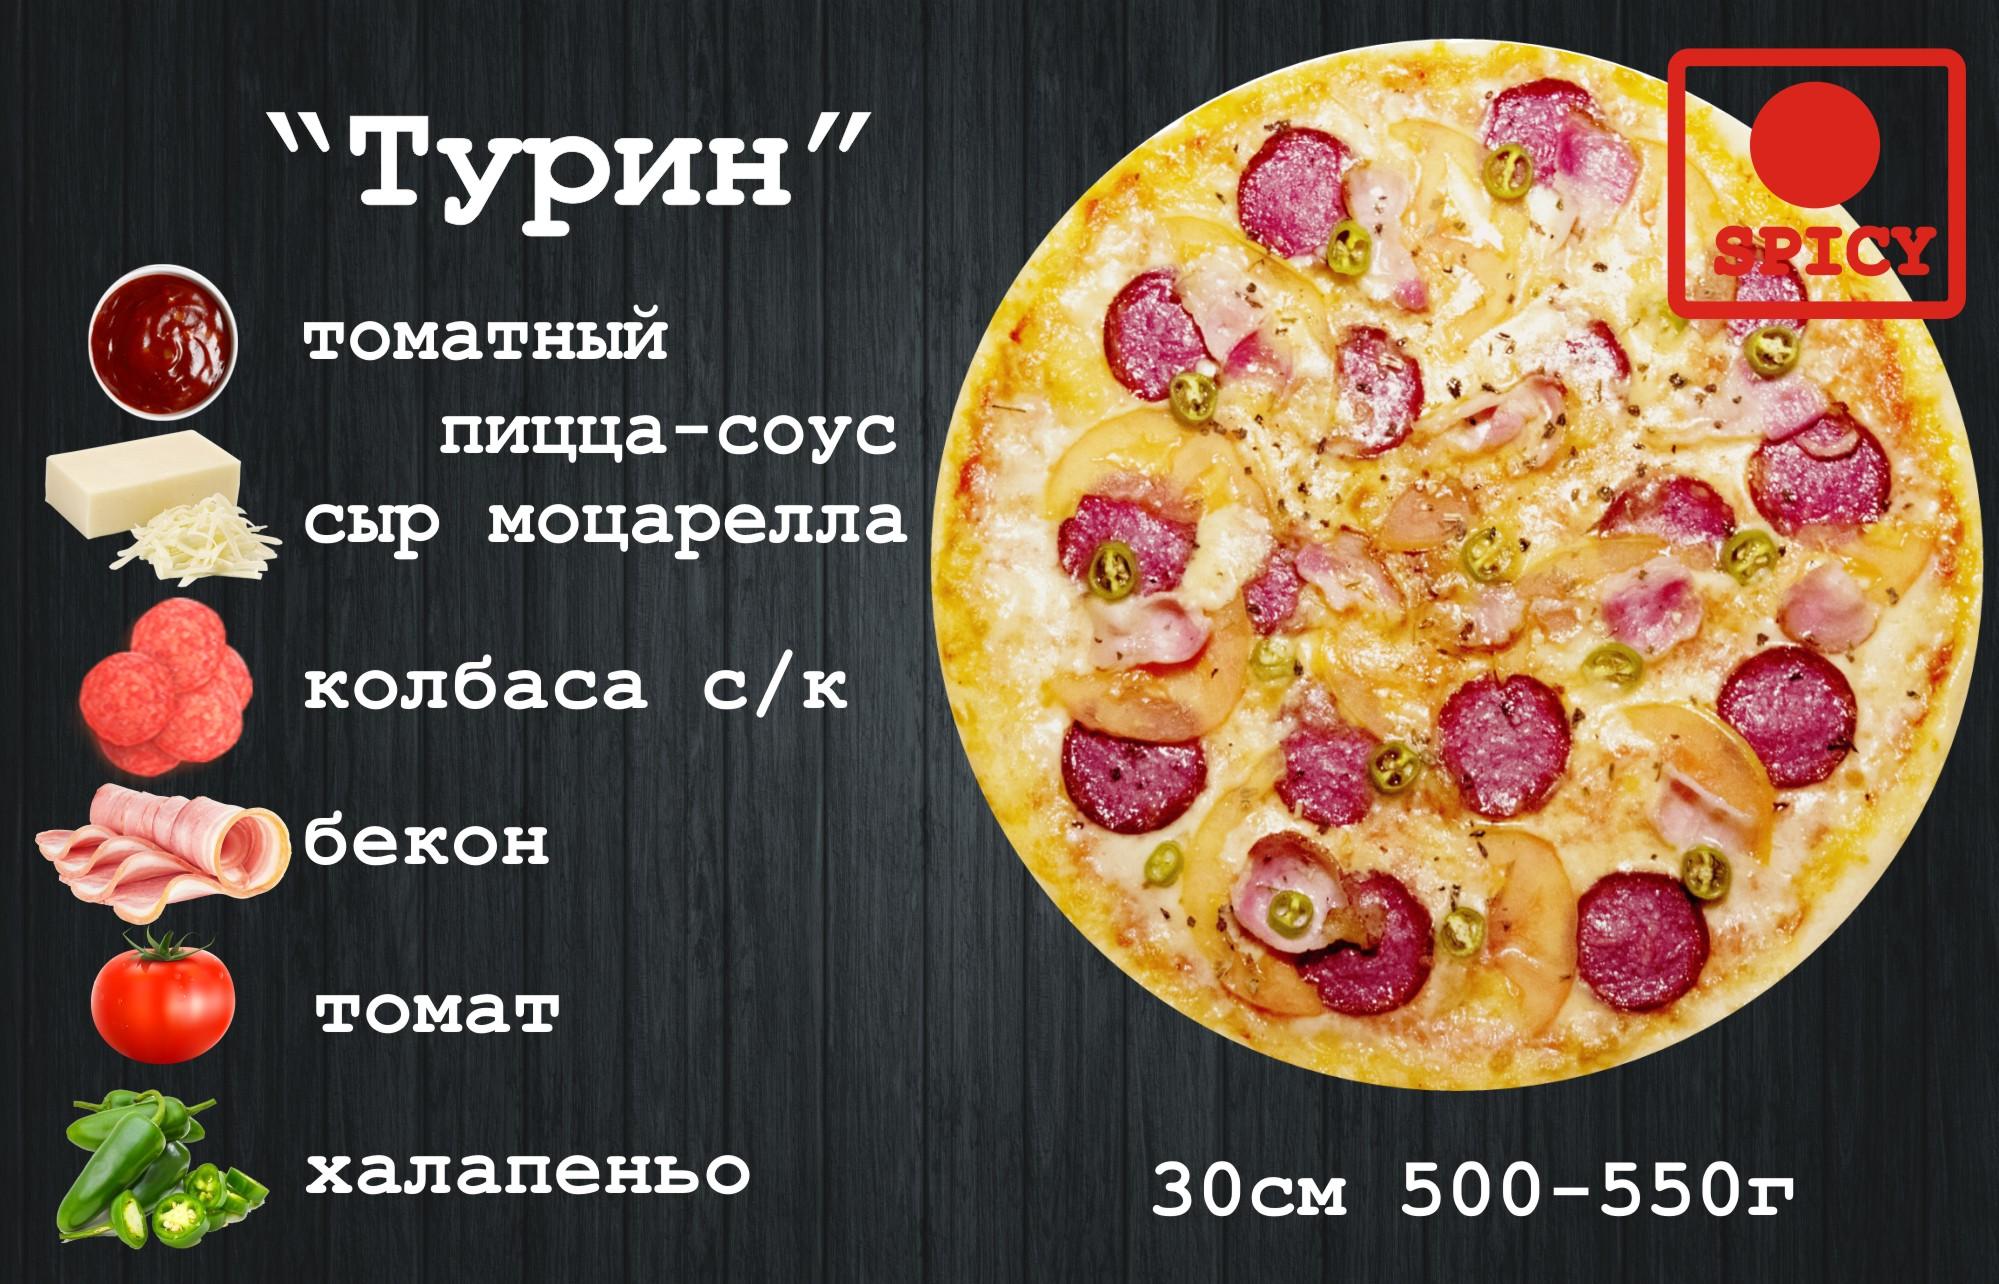 Турин_пицца_urbanfood_minsk